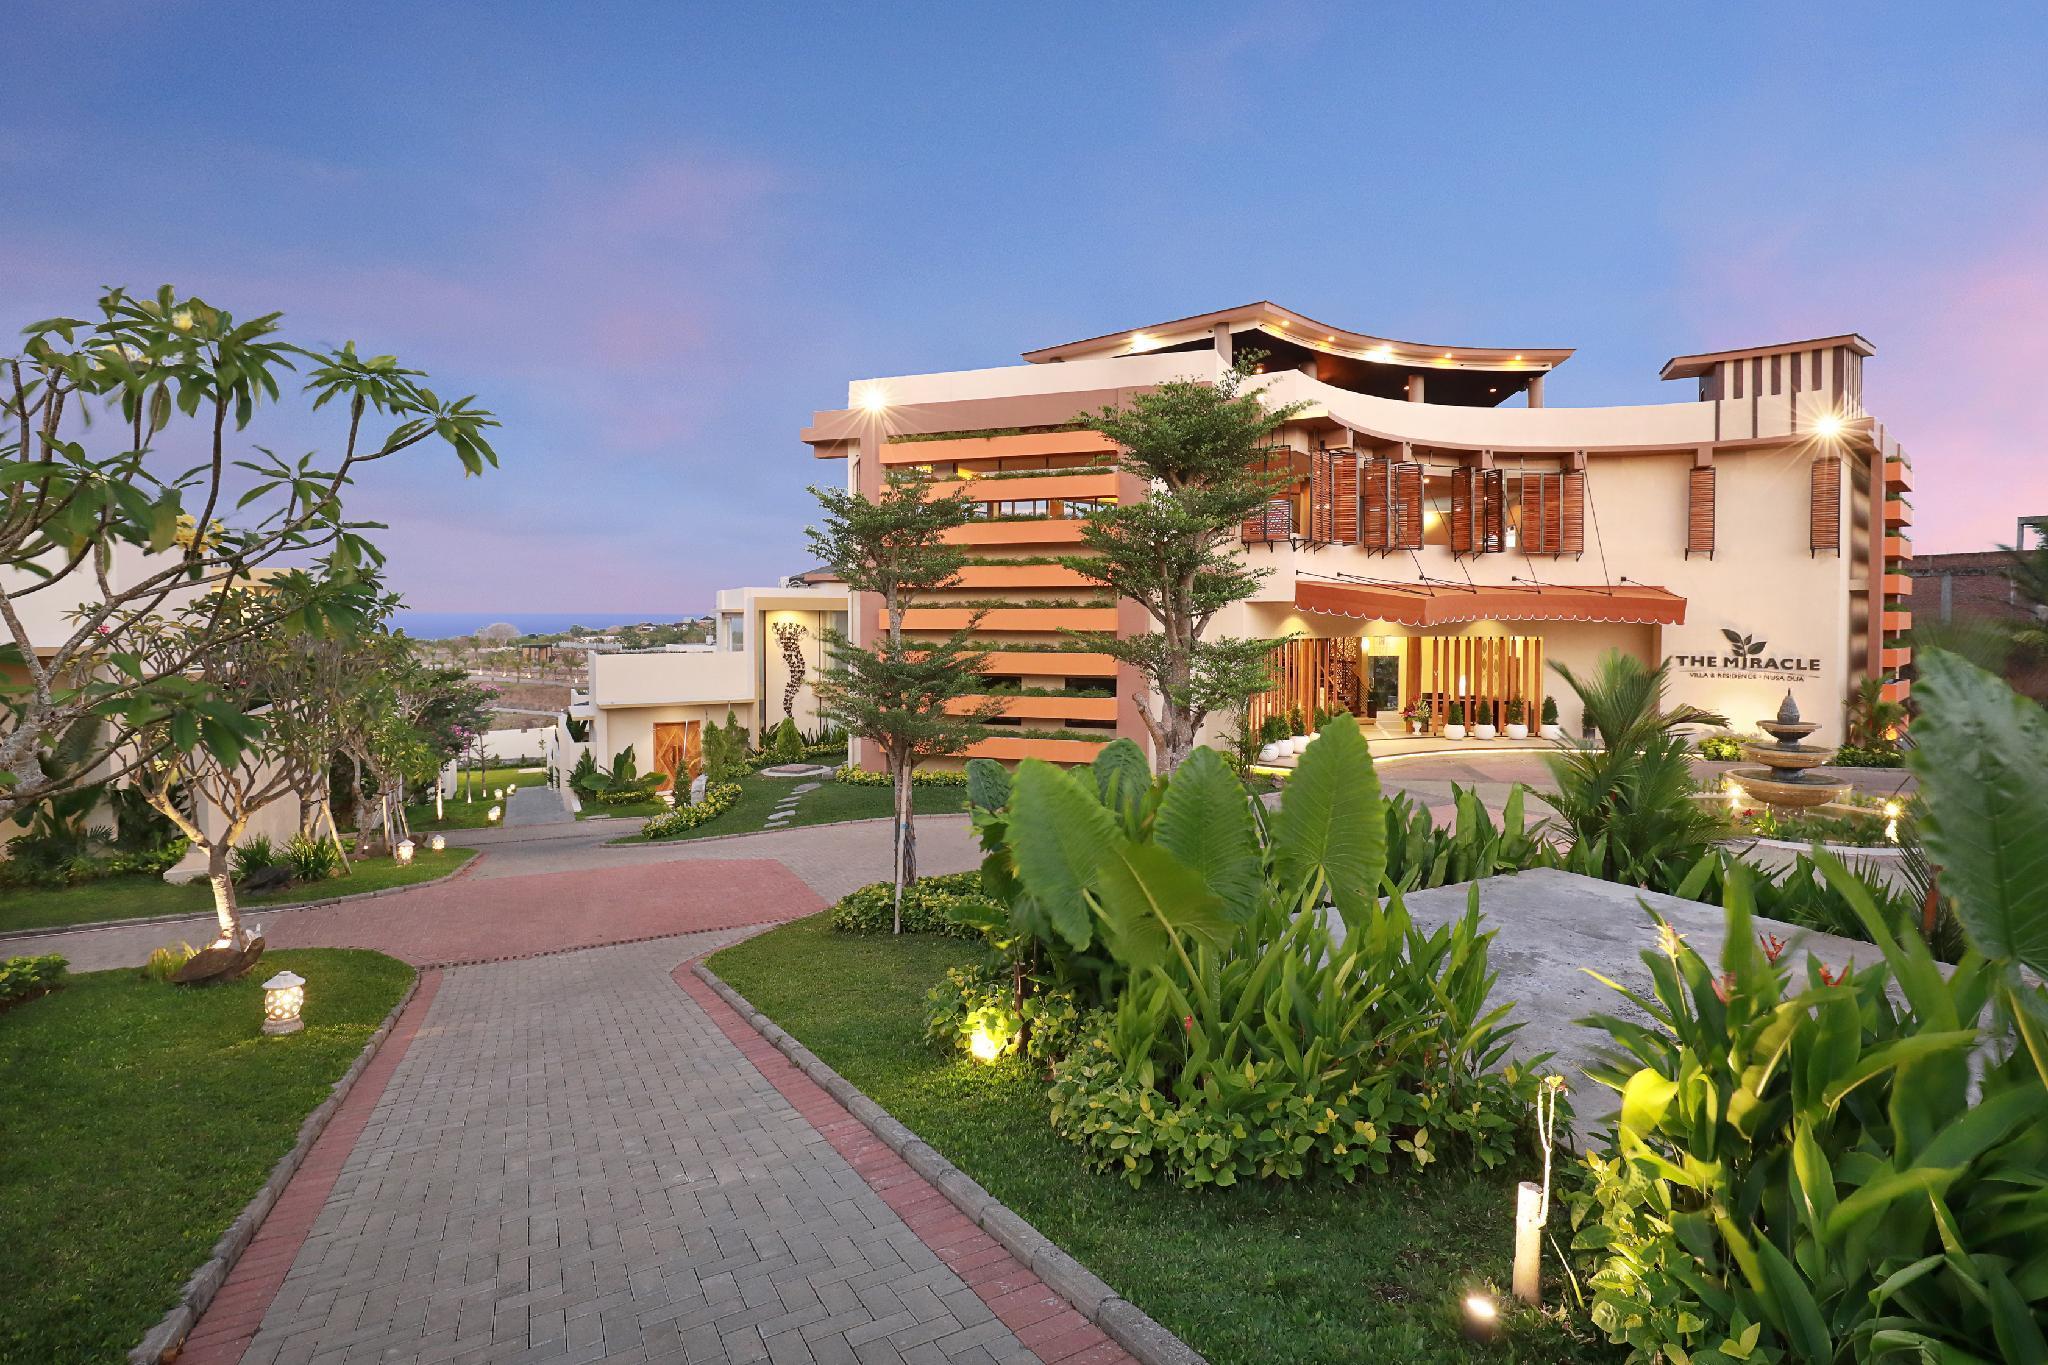 Three Bedrooms Luxury Villa At The Miracle Villas